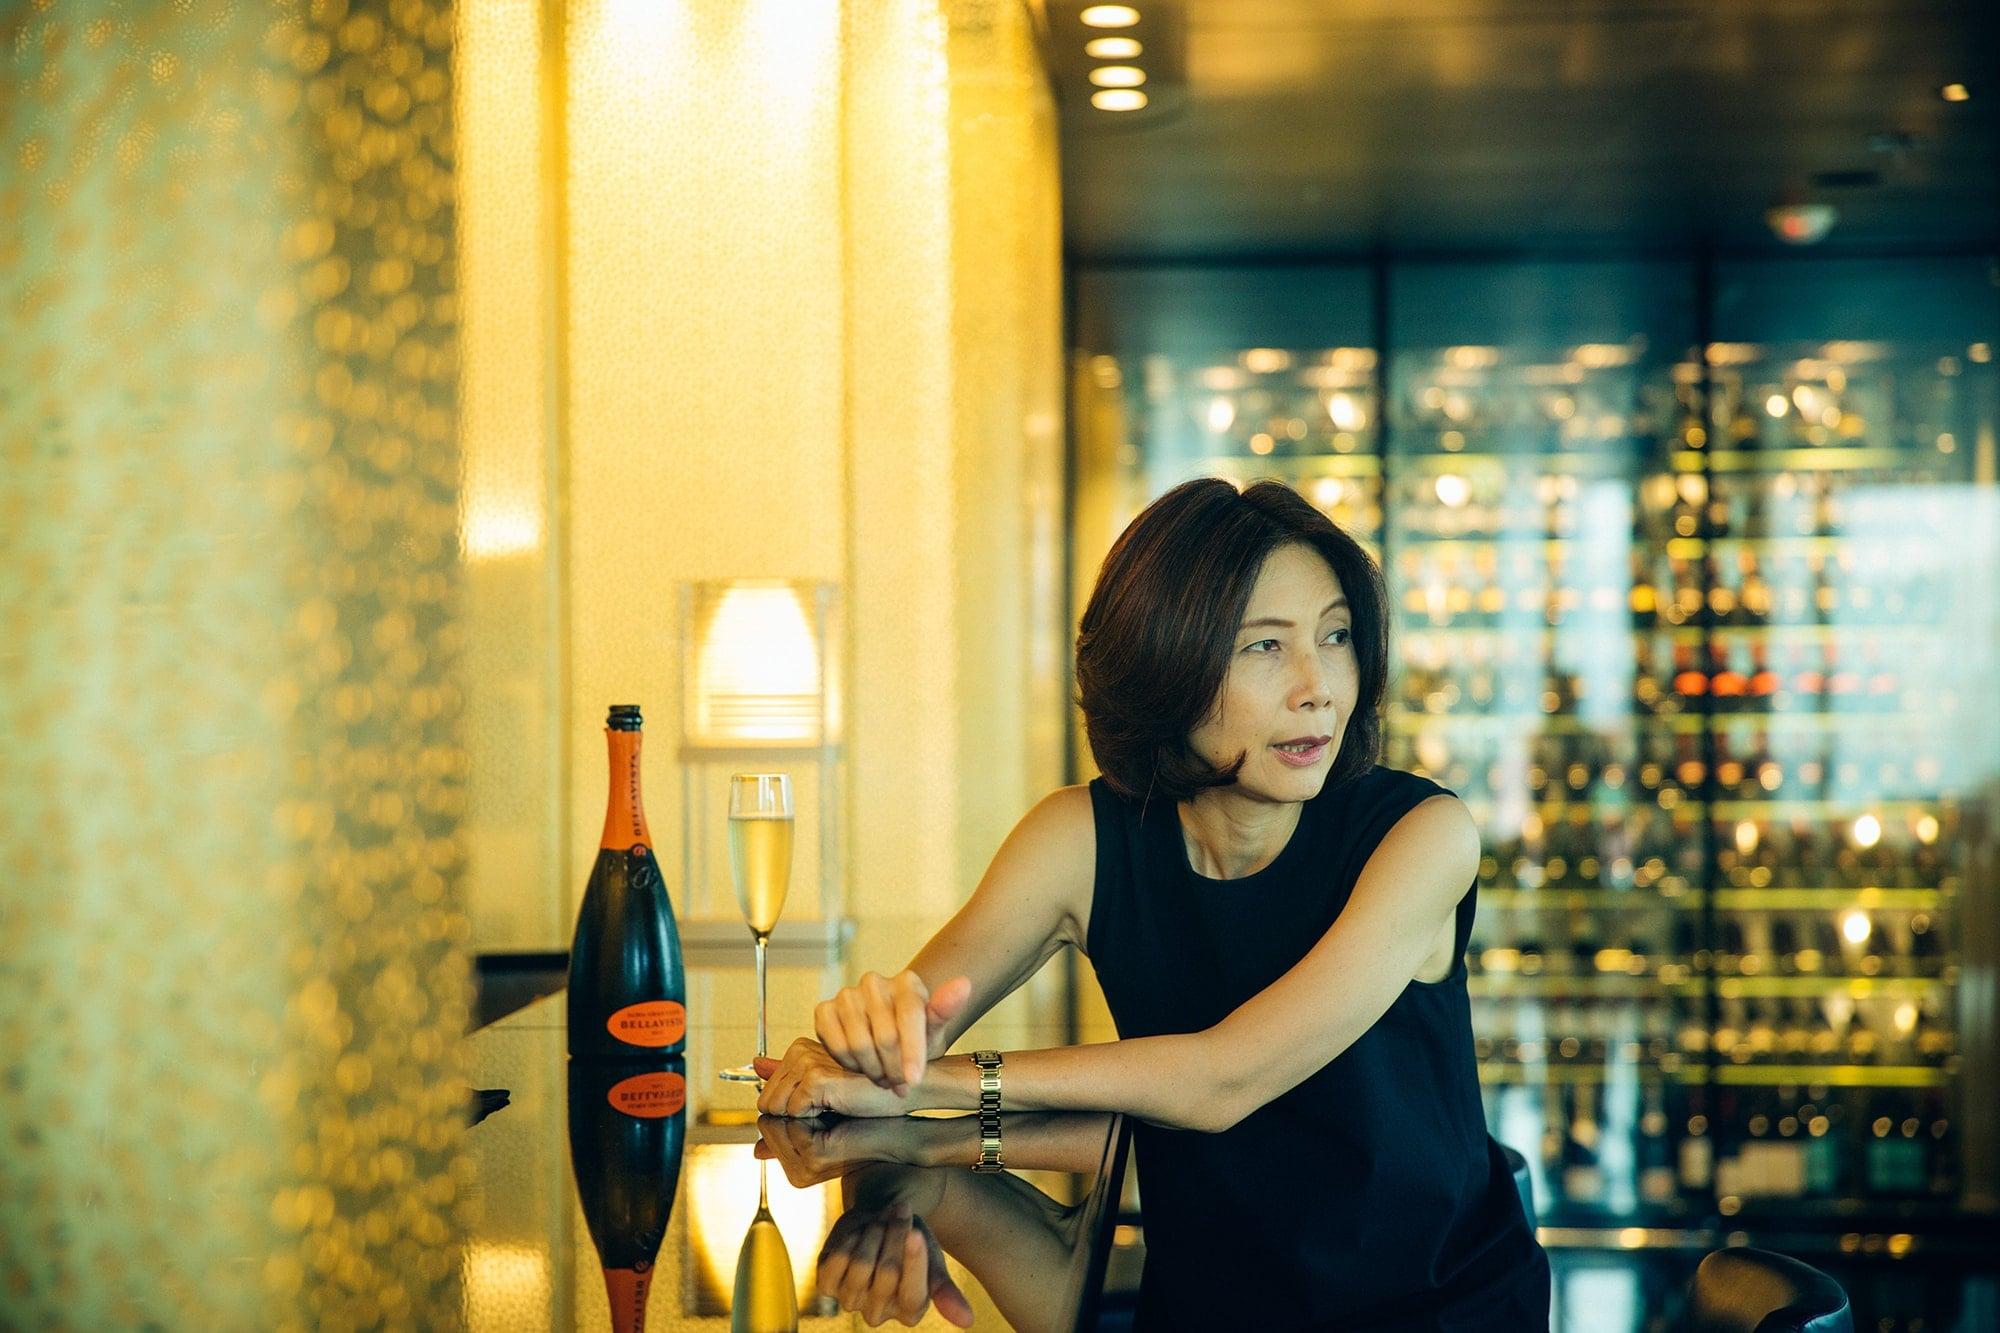 「アルマーニ/リステトランテ」のワインラウンジのカウンターで、イタリアのスパークリングワイン、フランチャコルタから始まる夕べの楽しみ方を教えてくれる金子さん。